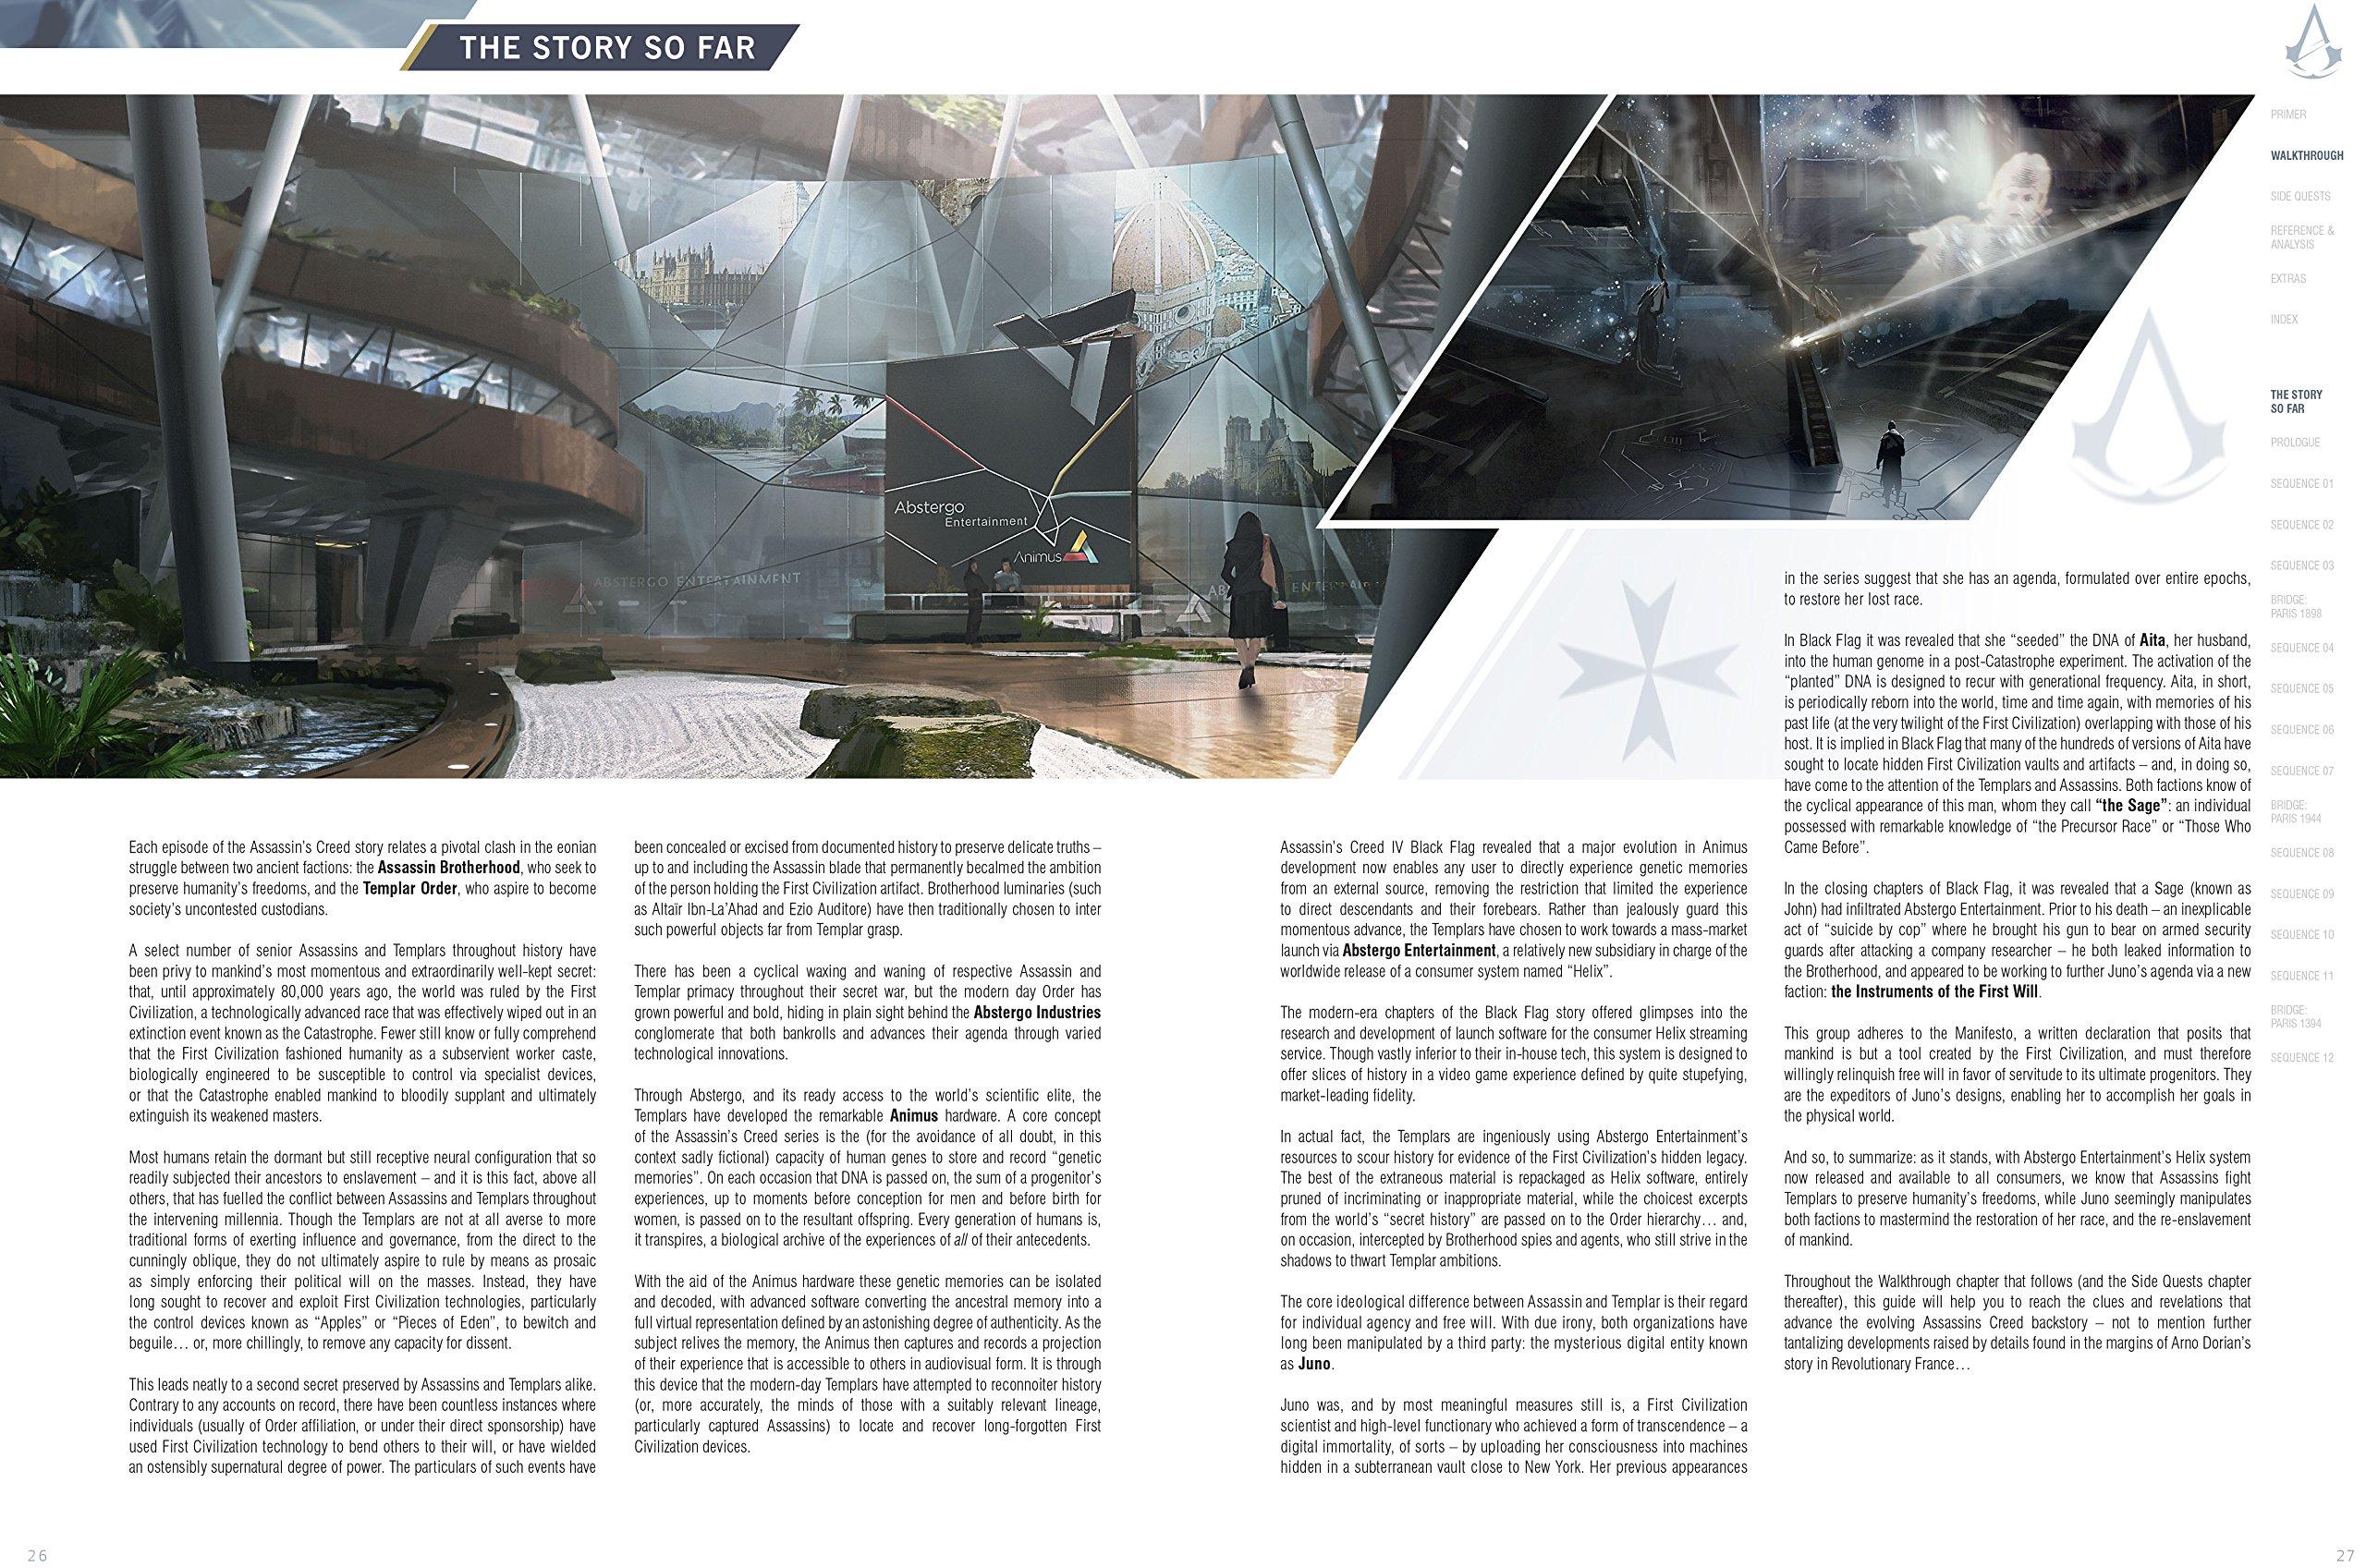 Má Ubisoft už dlouho nalinkovanou budoucnost Assassin's Creed? 105109